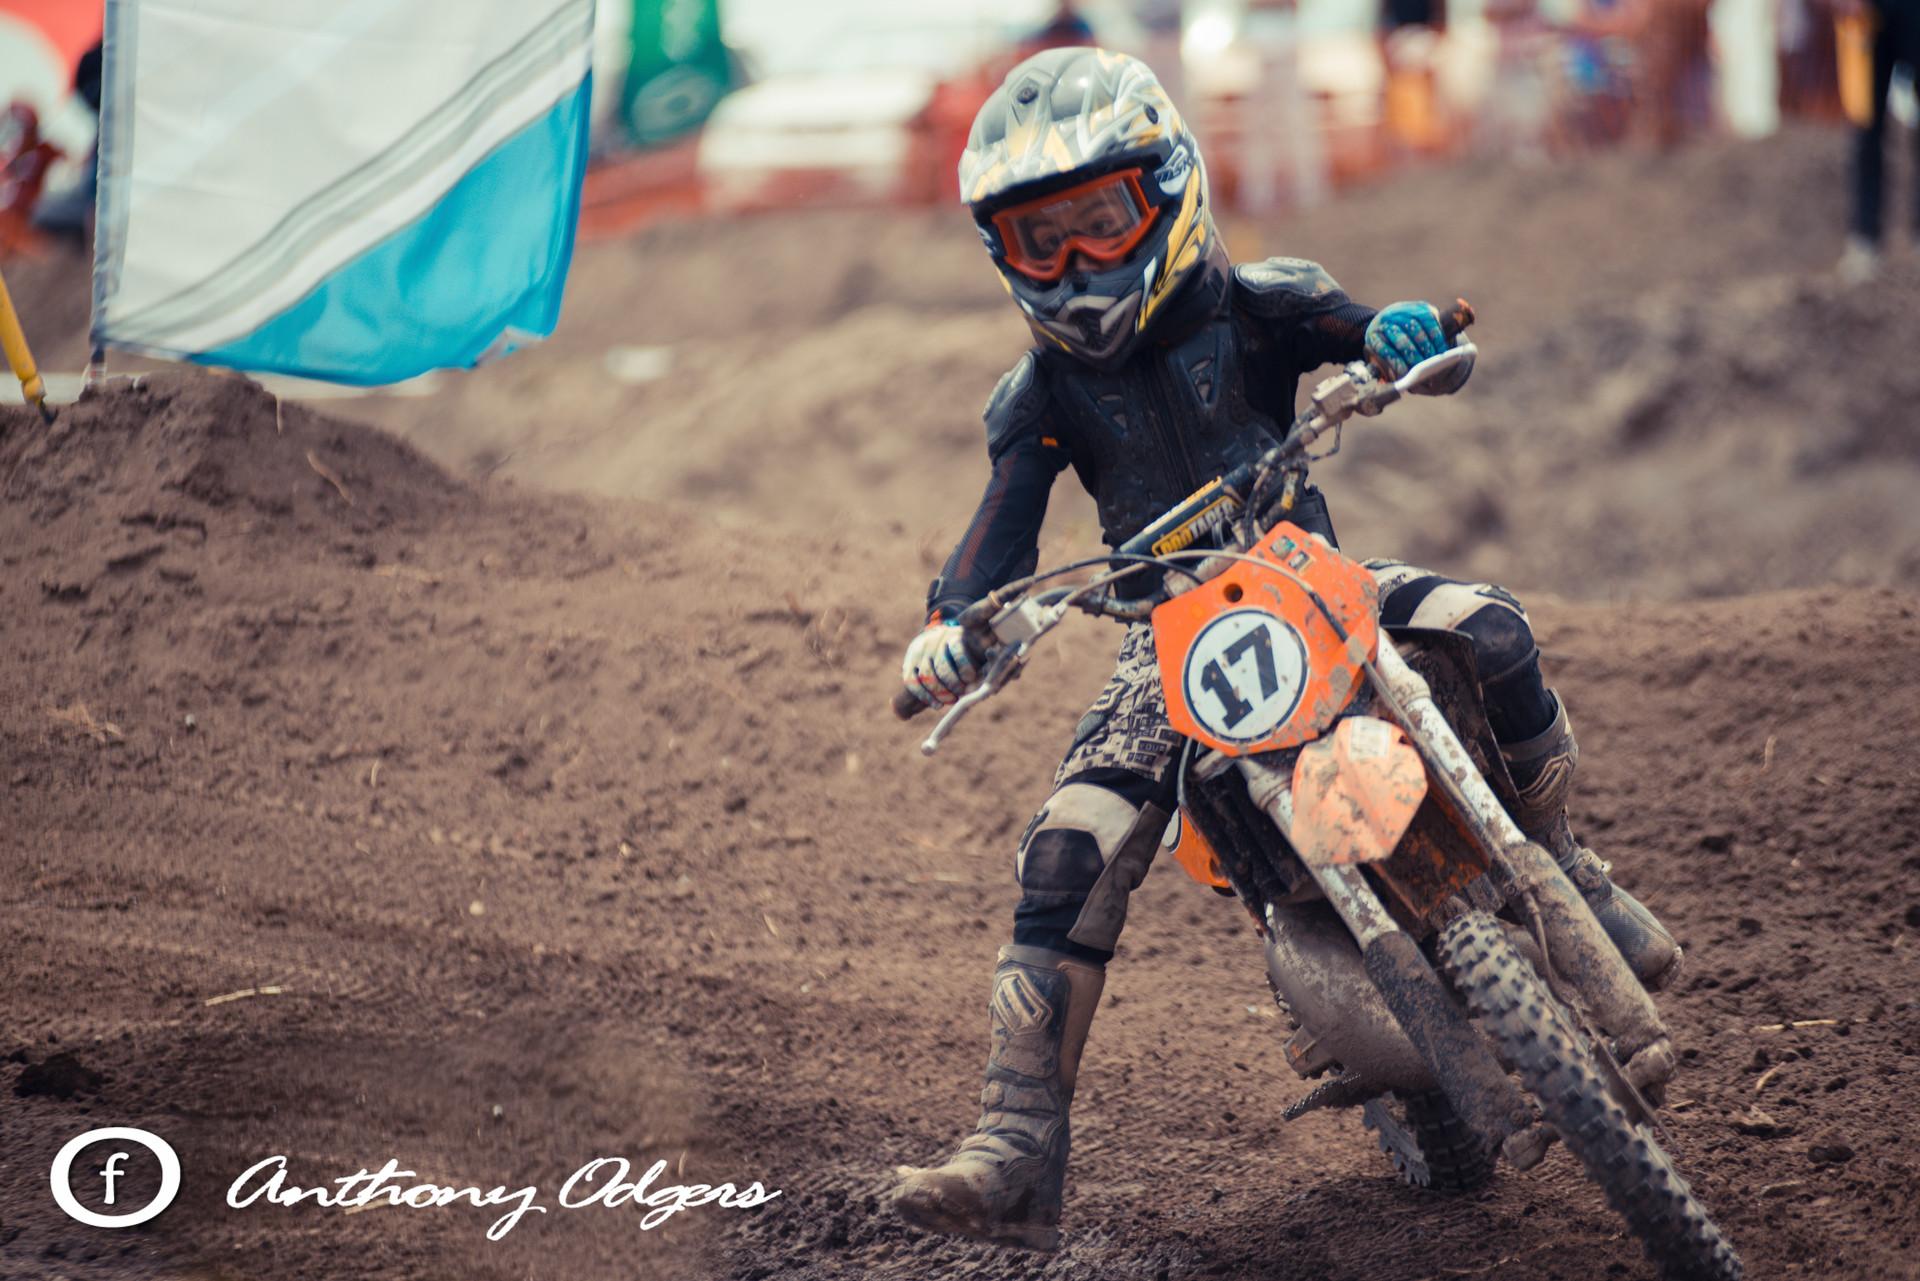 2013-01-06-Motocross Enduro-34.jpg